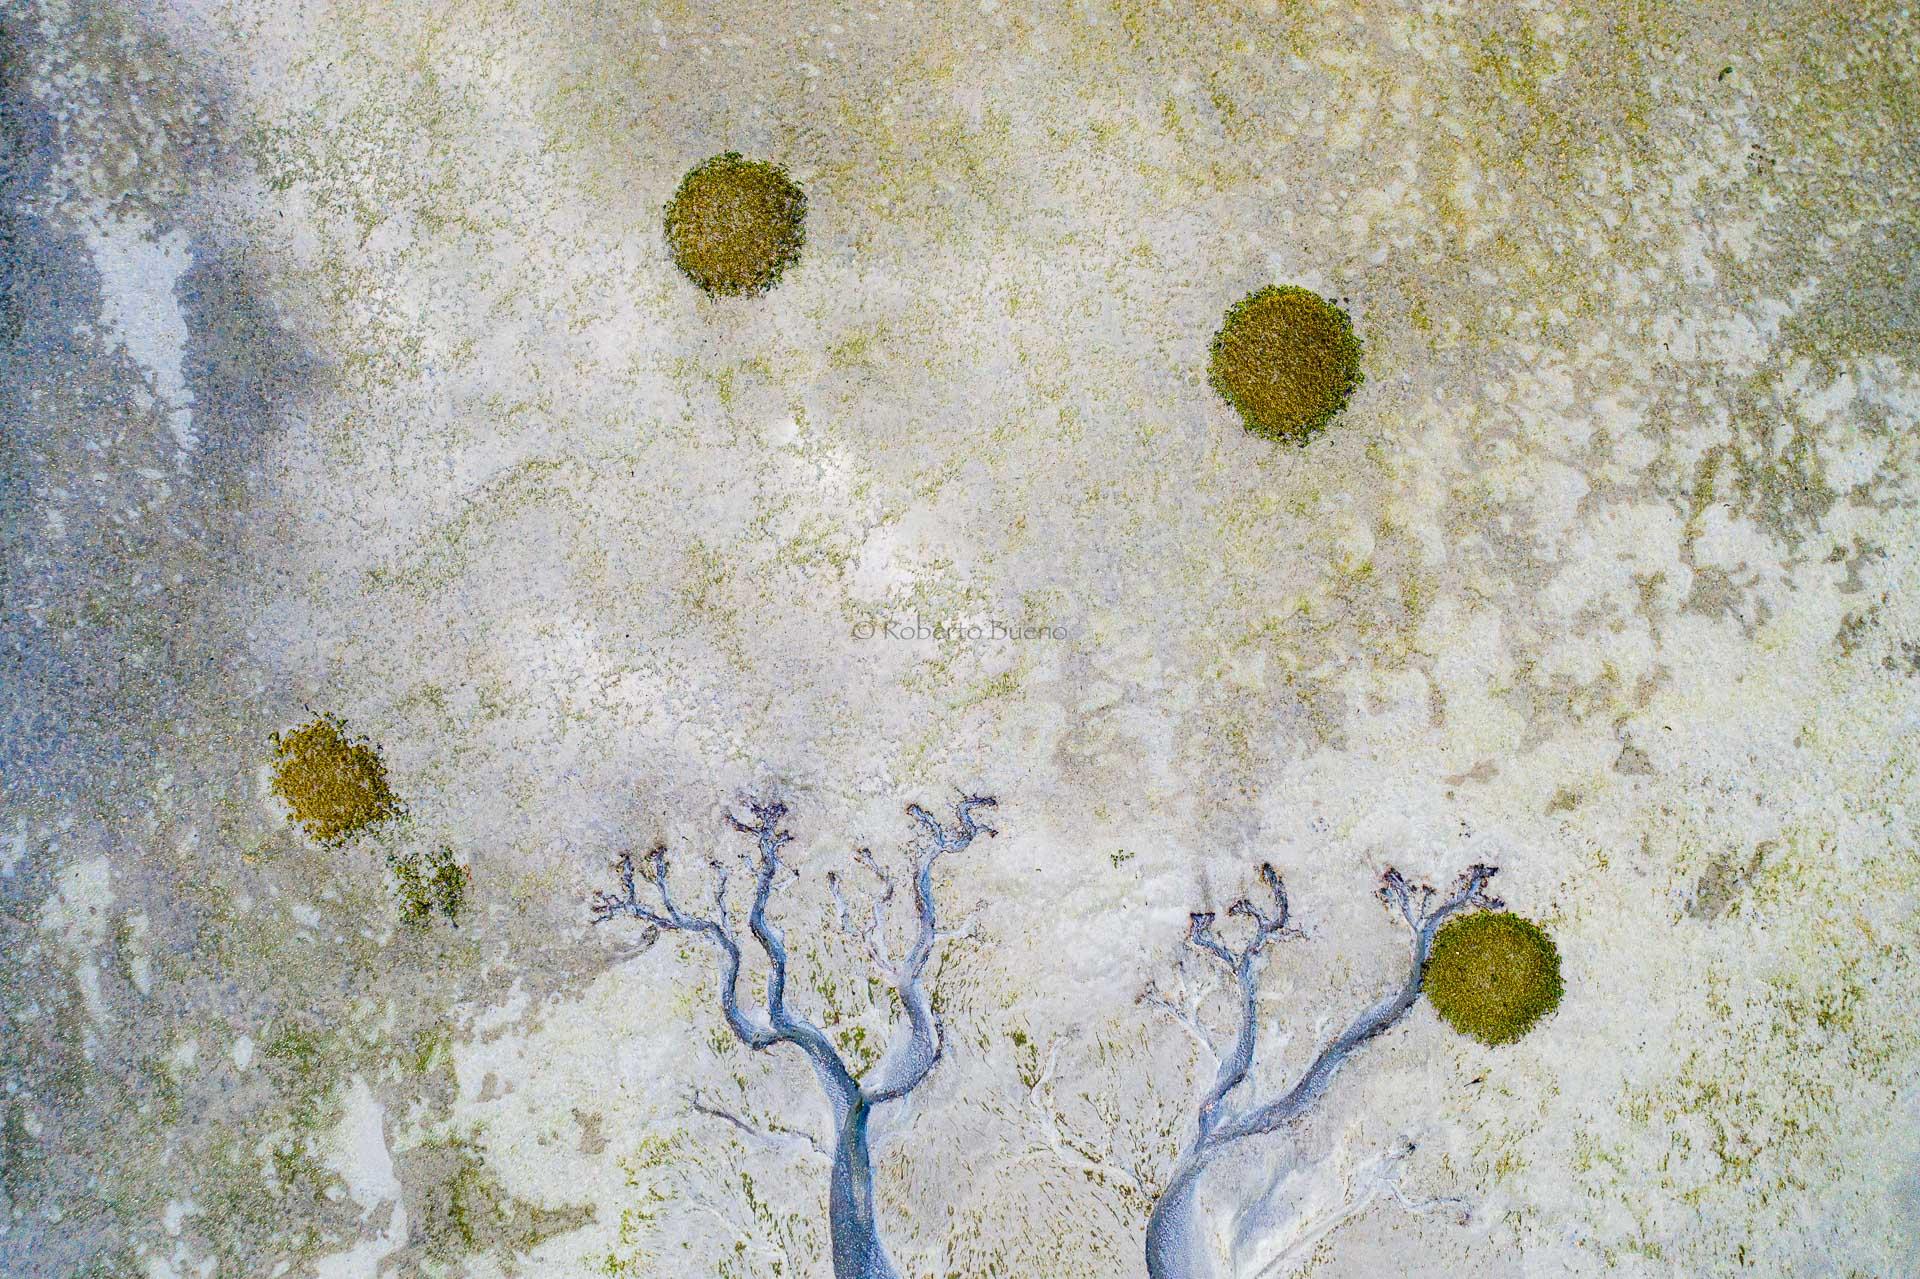 Abstracciones en la ría - Desde el aire 2 - Roberto Bueno - Fotografía de Naturaleza - Luces del Planeta - Desde el aire